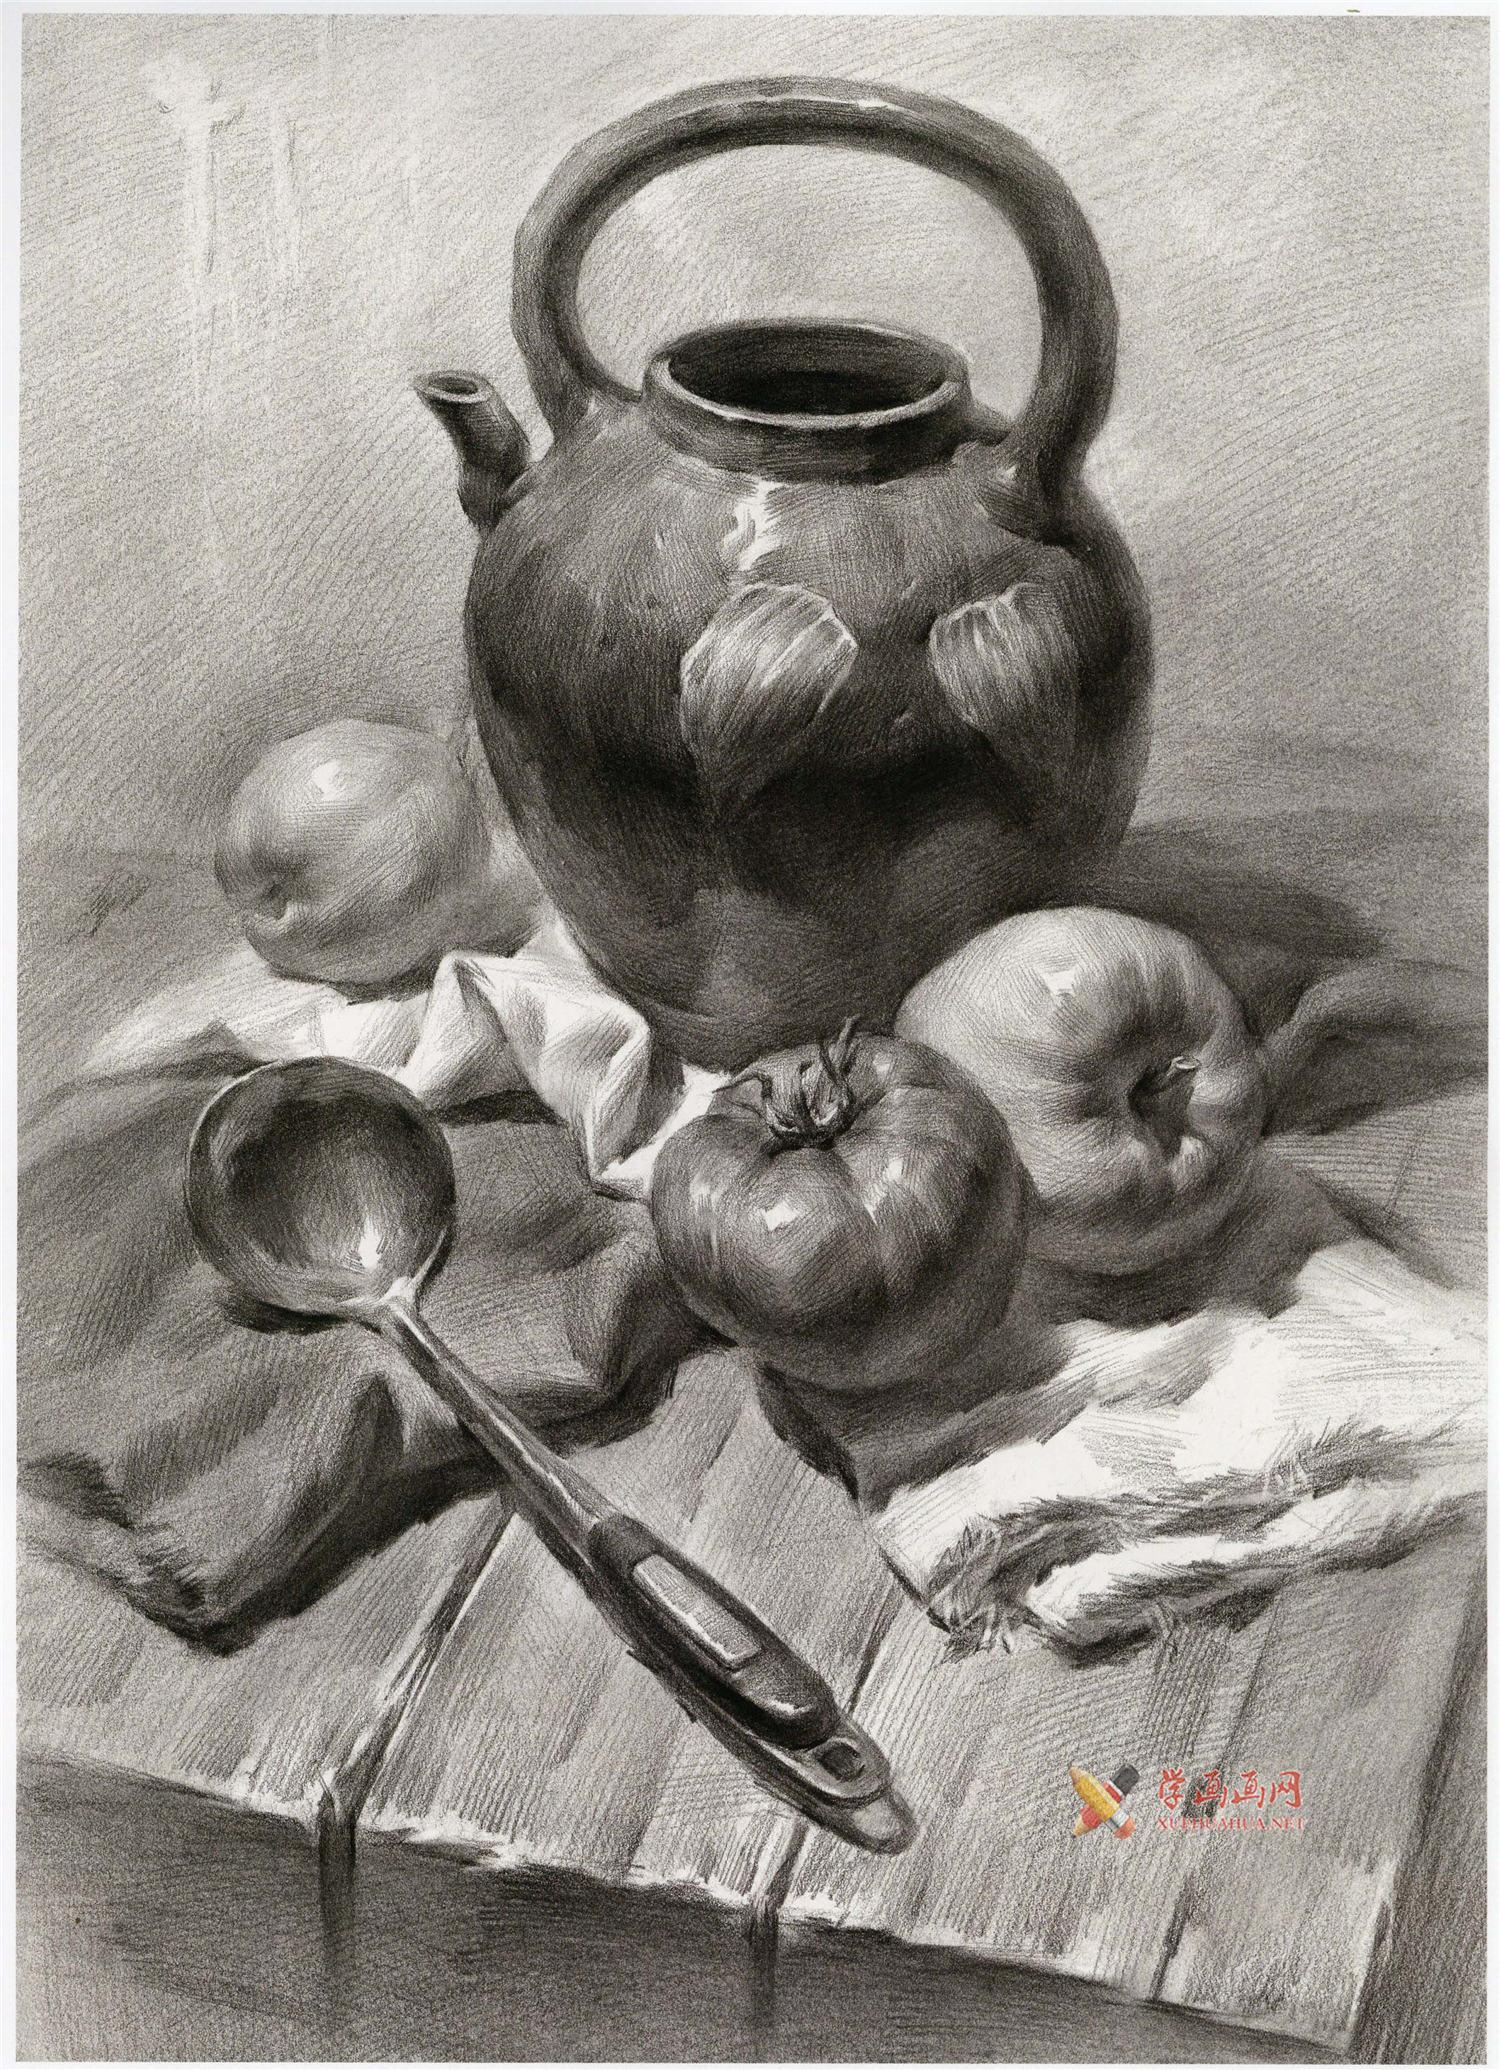 素描深色瓷壶、西红柿、不锈钢勺、水果的组合画法图片(1)